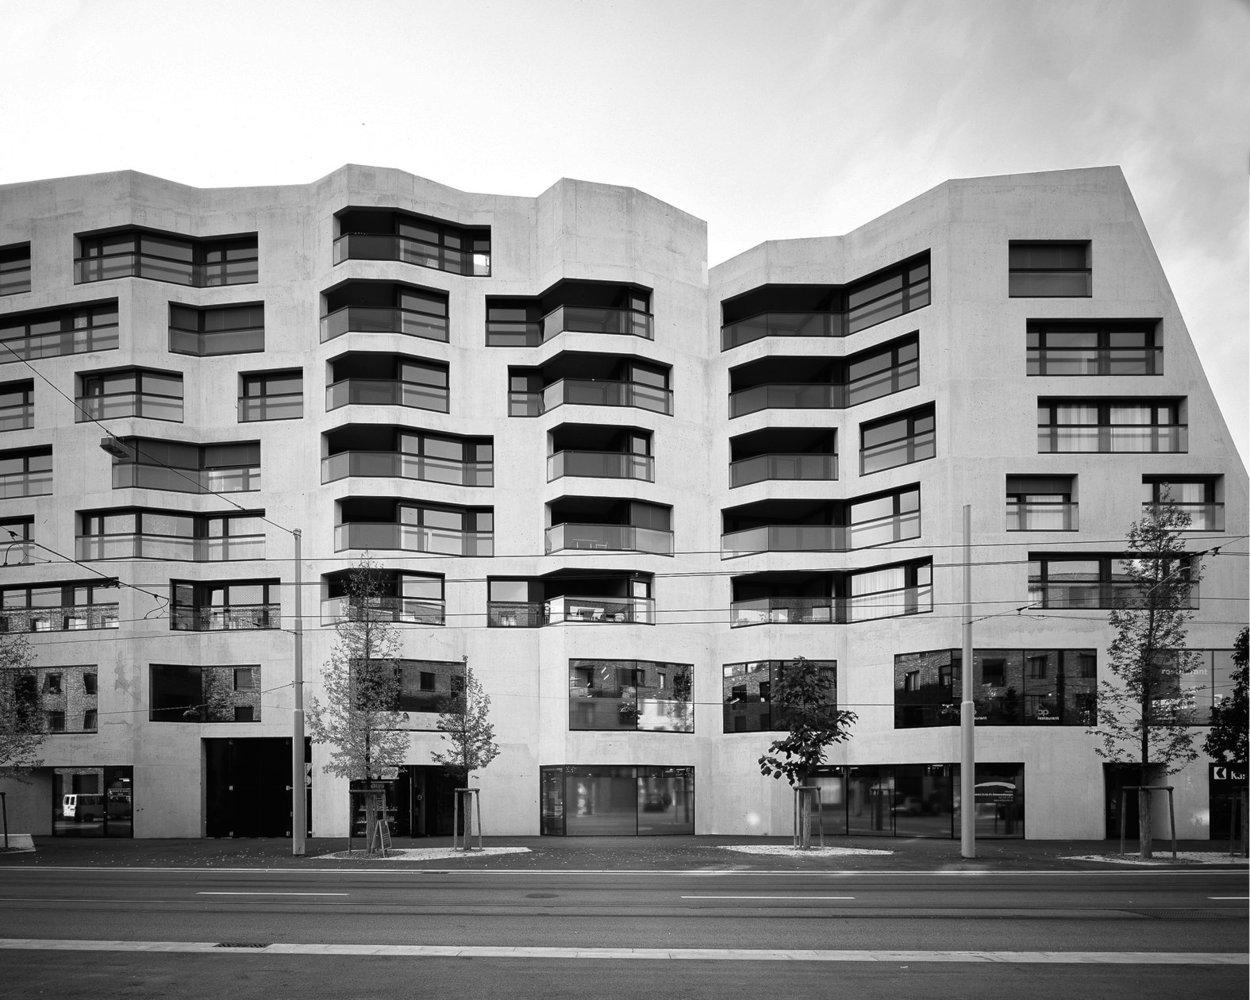 Schön Architekten Basel Sammlung Von Volta Centre, / Buchner Bründler Architekten,© Ruedi